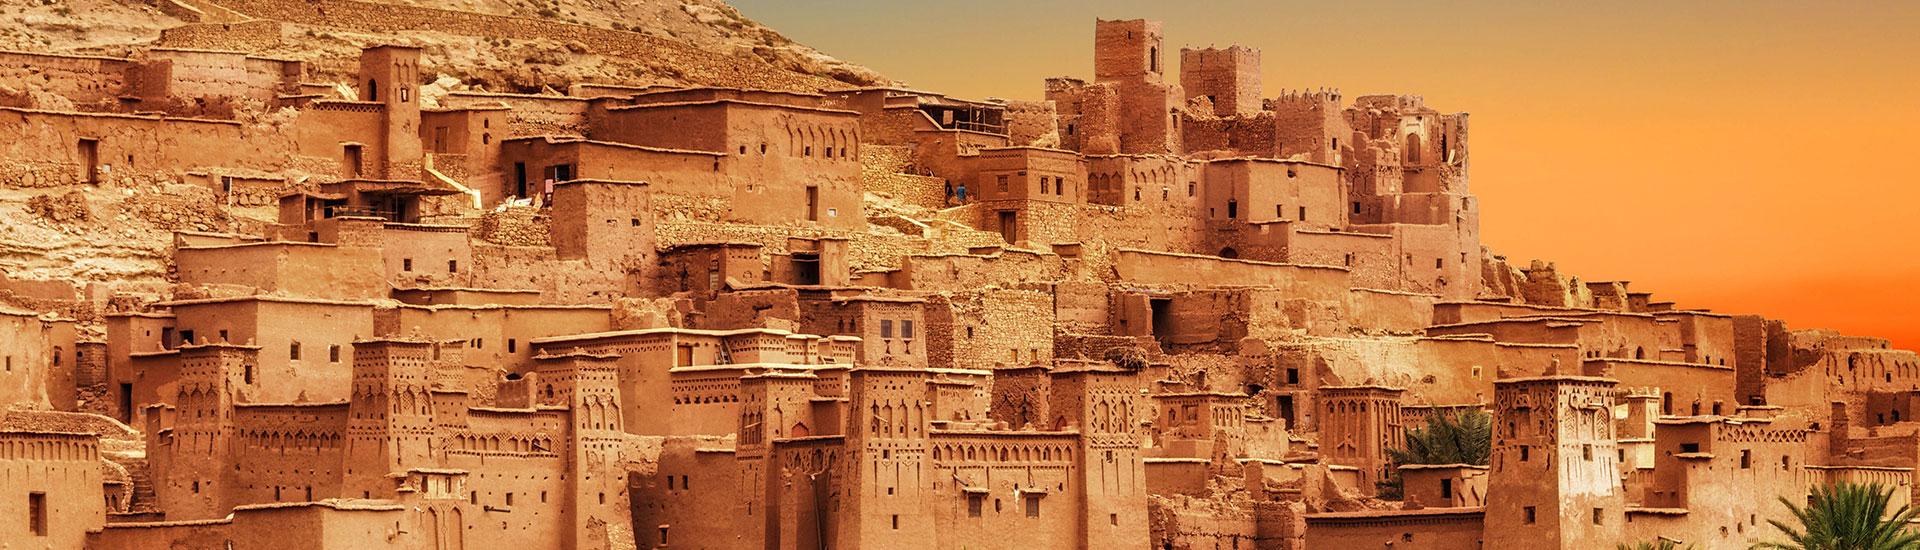 Tinfou, 1 Día – desde Ouarzazate al Desierto de Zagora Tinfou